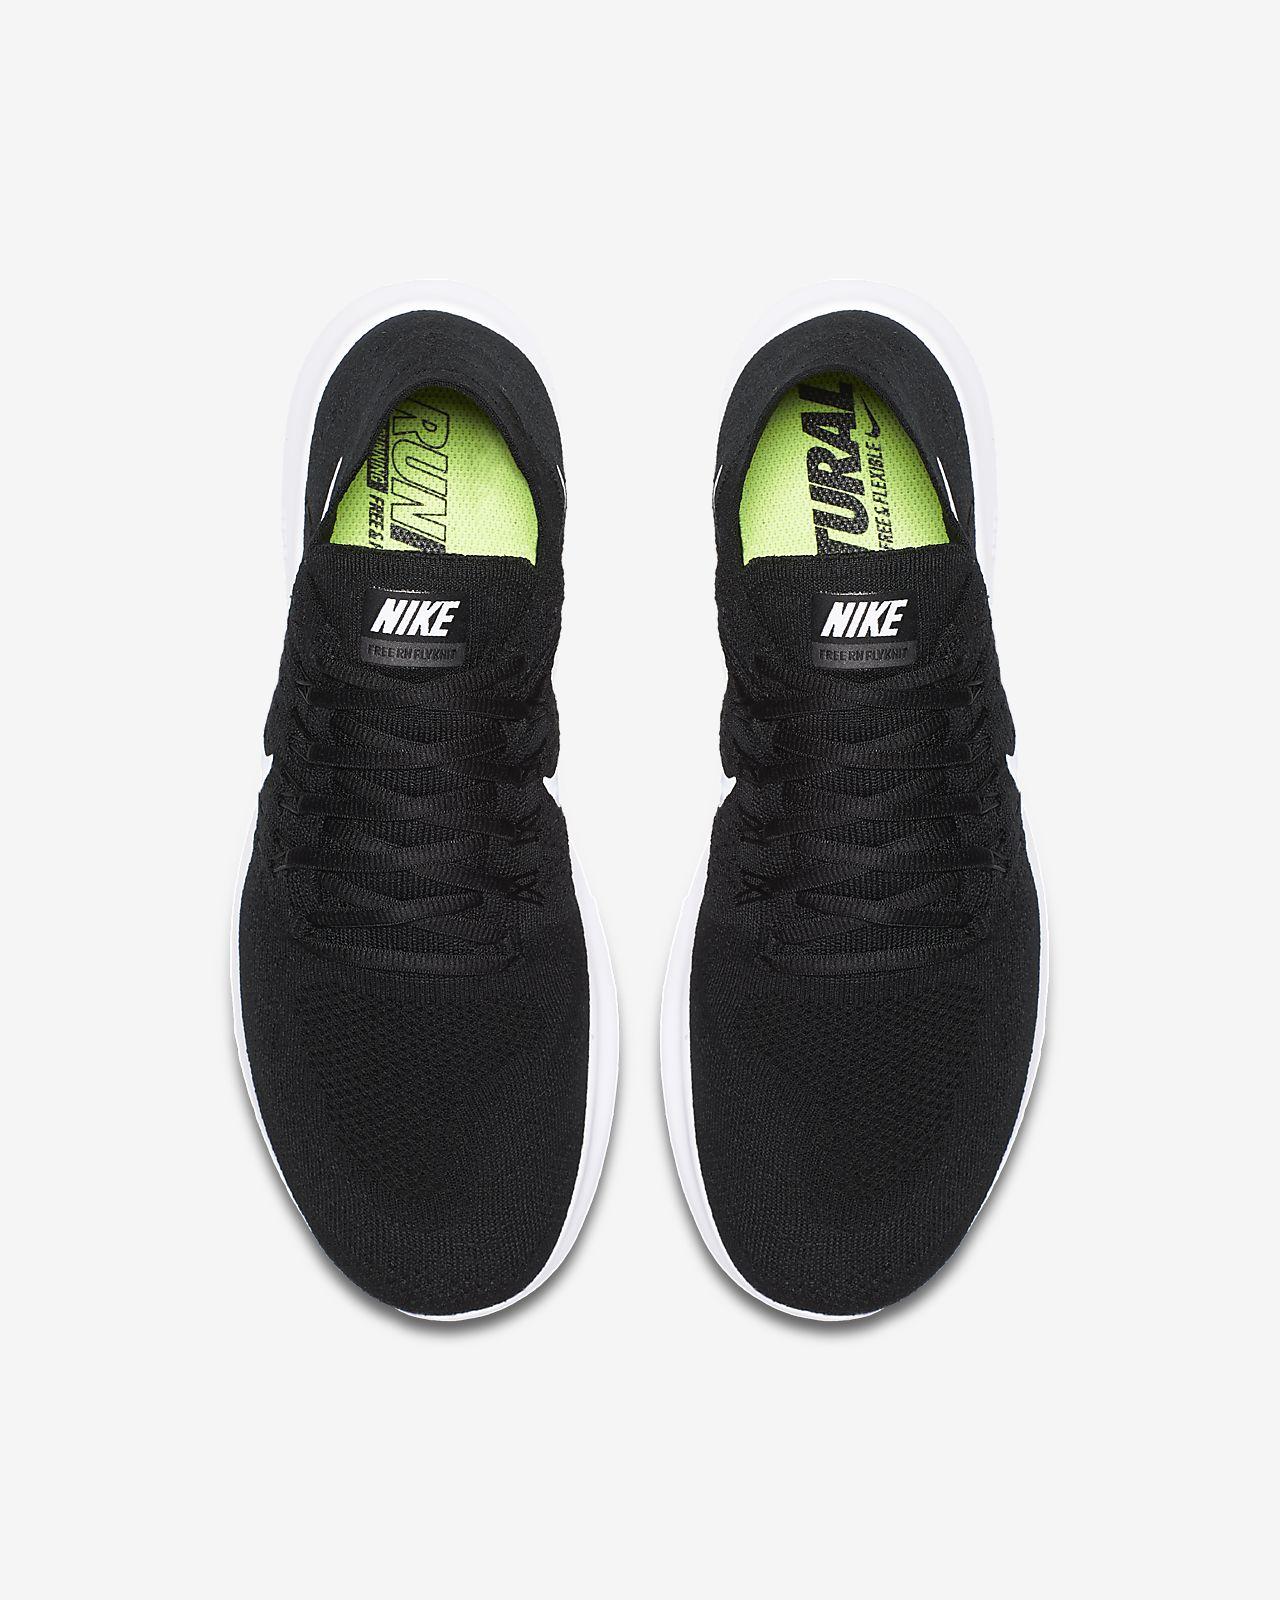 ... Nike Free RN Flyknit 2017 Men's Running Shoe